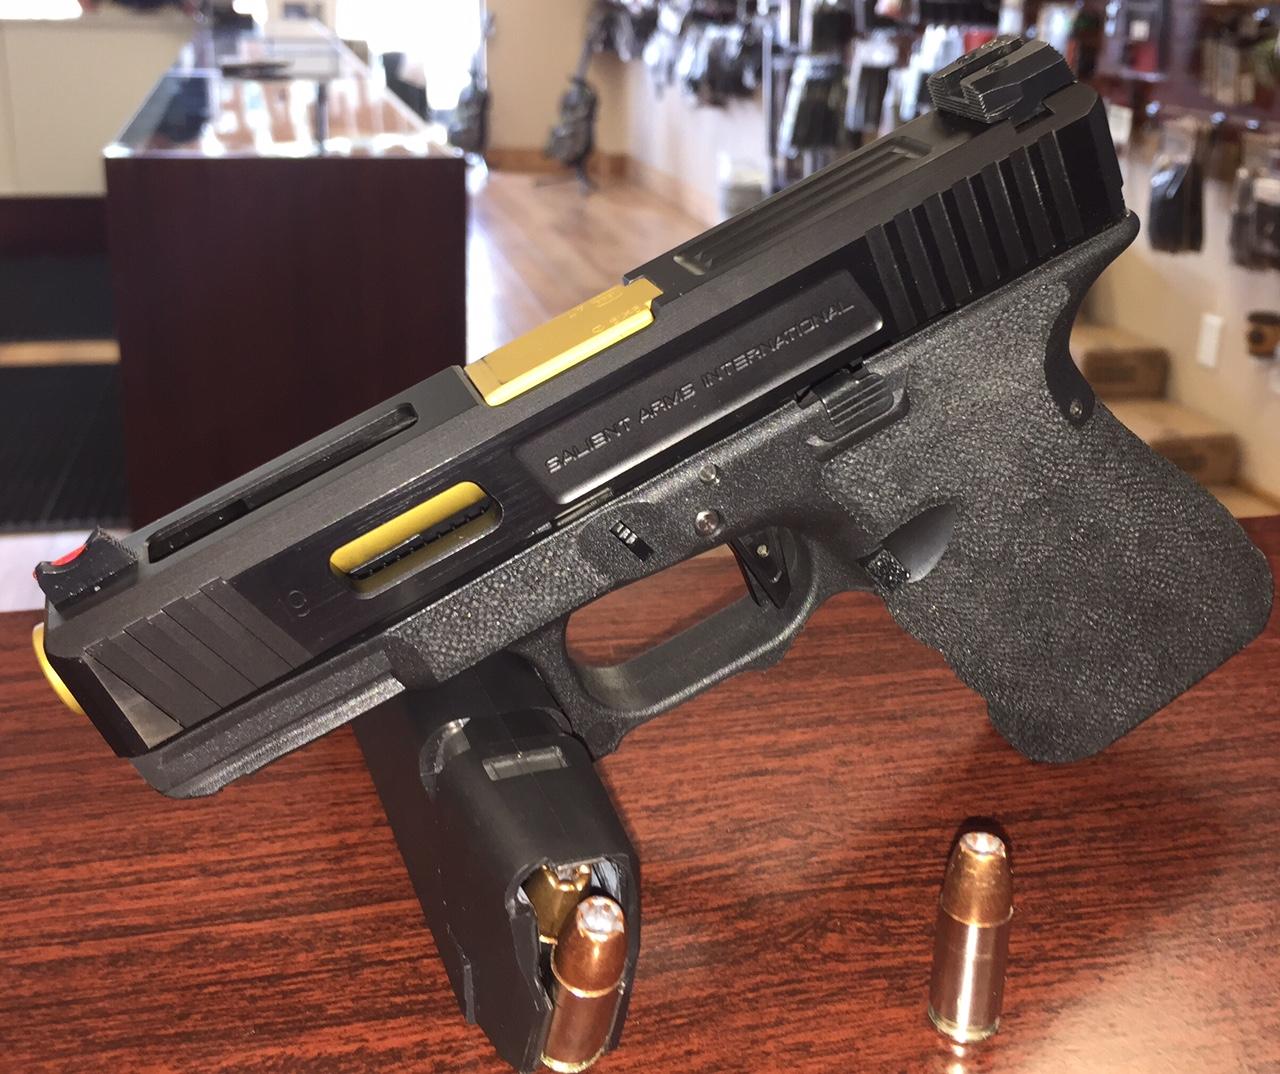 Glock 19 Gen 3 Salient Arms Tier 1 | The Leading Glock Forum